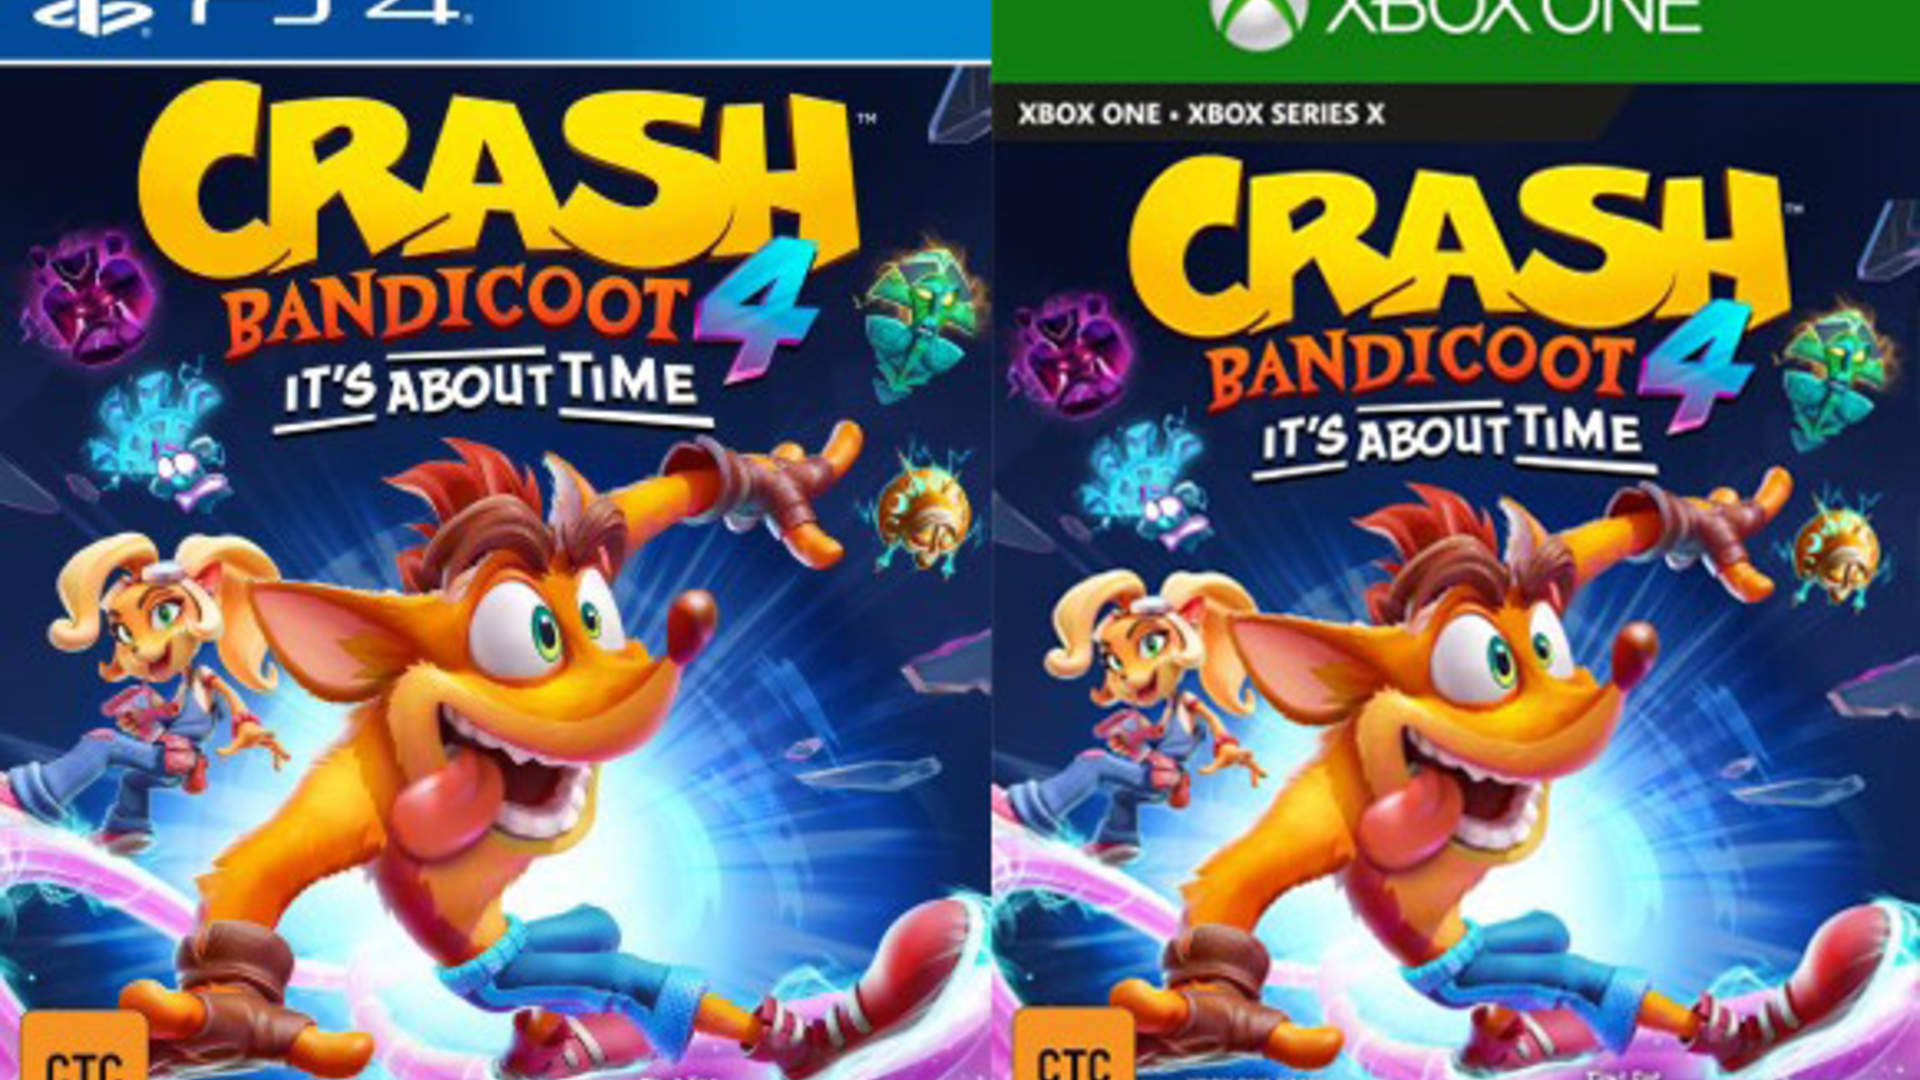 Tęskniliście za szalonym jamrajem? Szykujcie się na Crash Bandicoot 4: It's About Time! 18